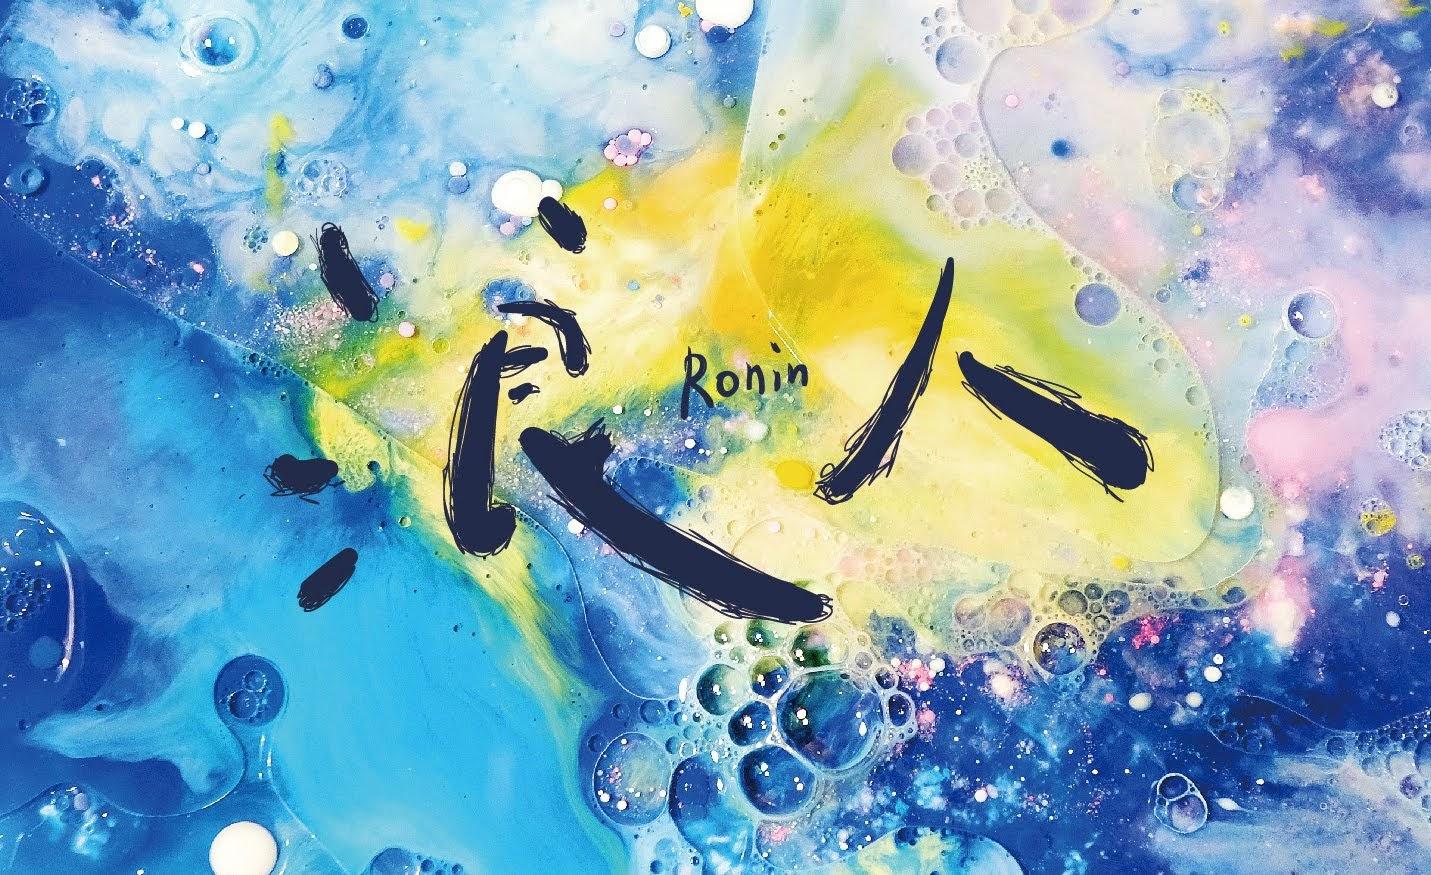 [迷迷演唱會]高空特技X繪畫X音樂 台日3位藝術家跨界展演 「浪人-Rinon-」